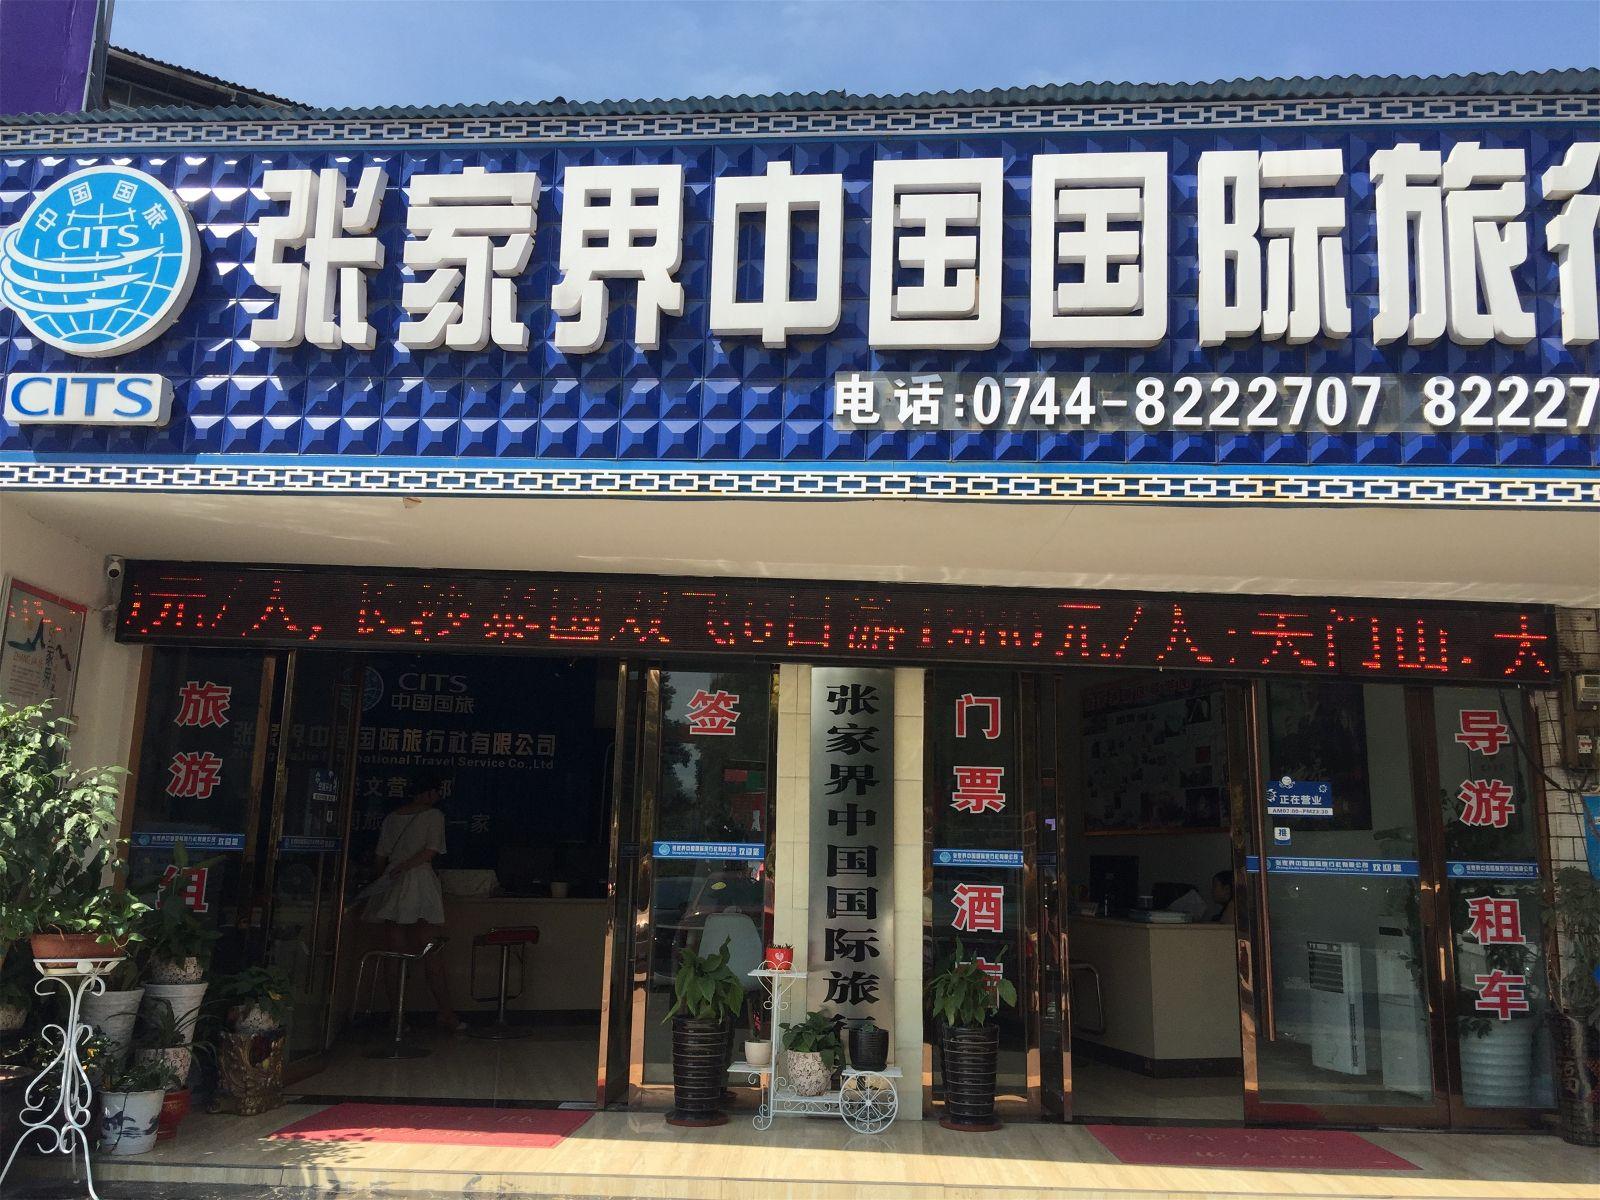 广东省中旅国际旅行社官网